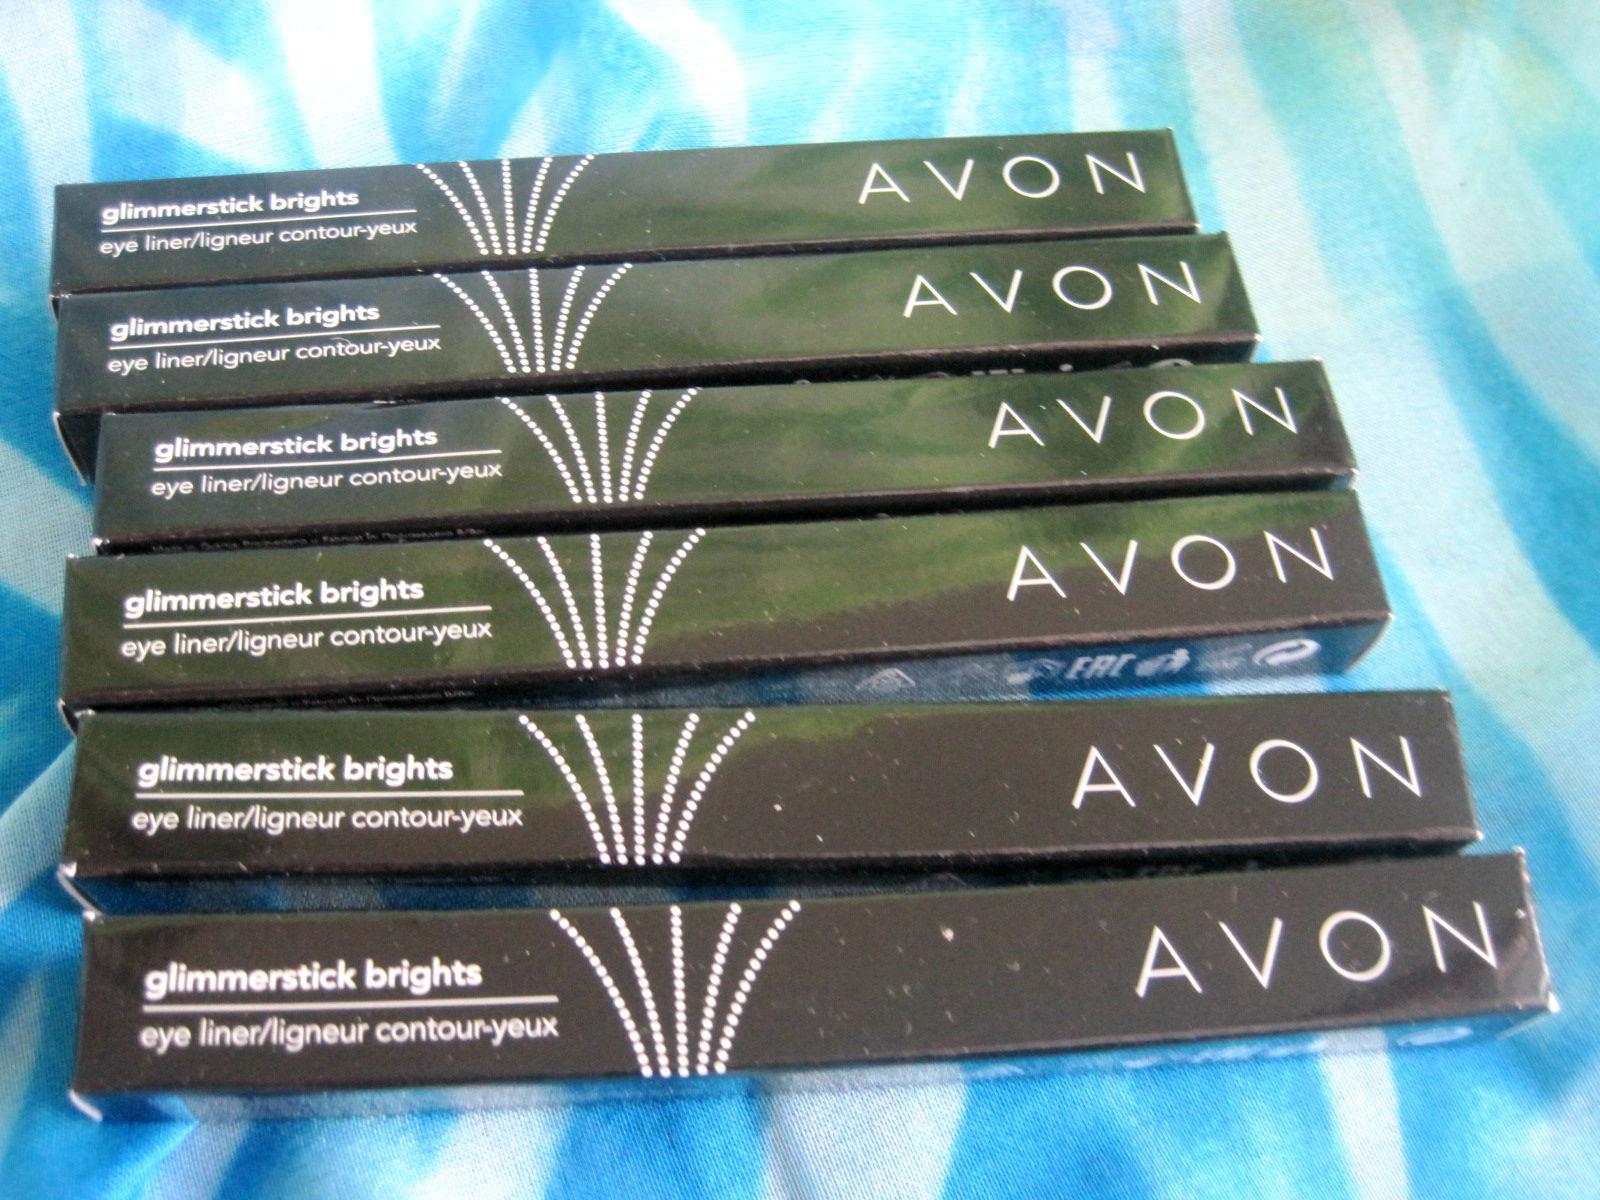 Avon eye liner, Avon glimmerstick brighst, mixoflife